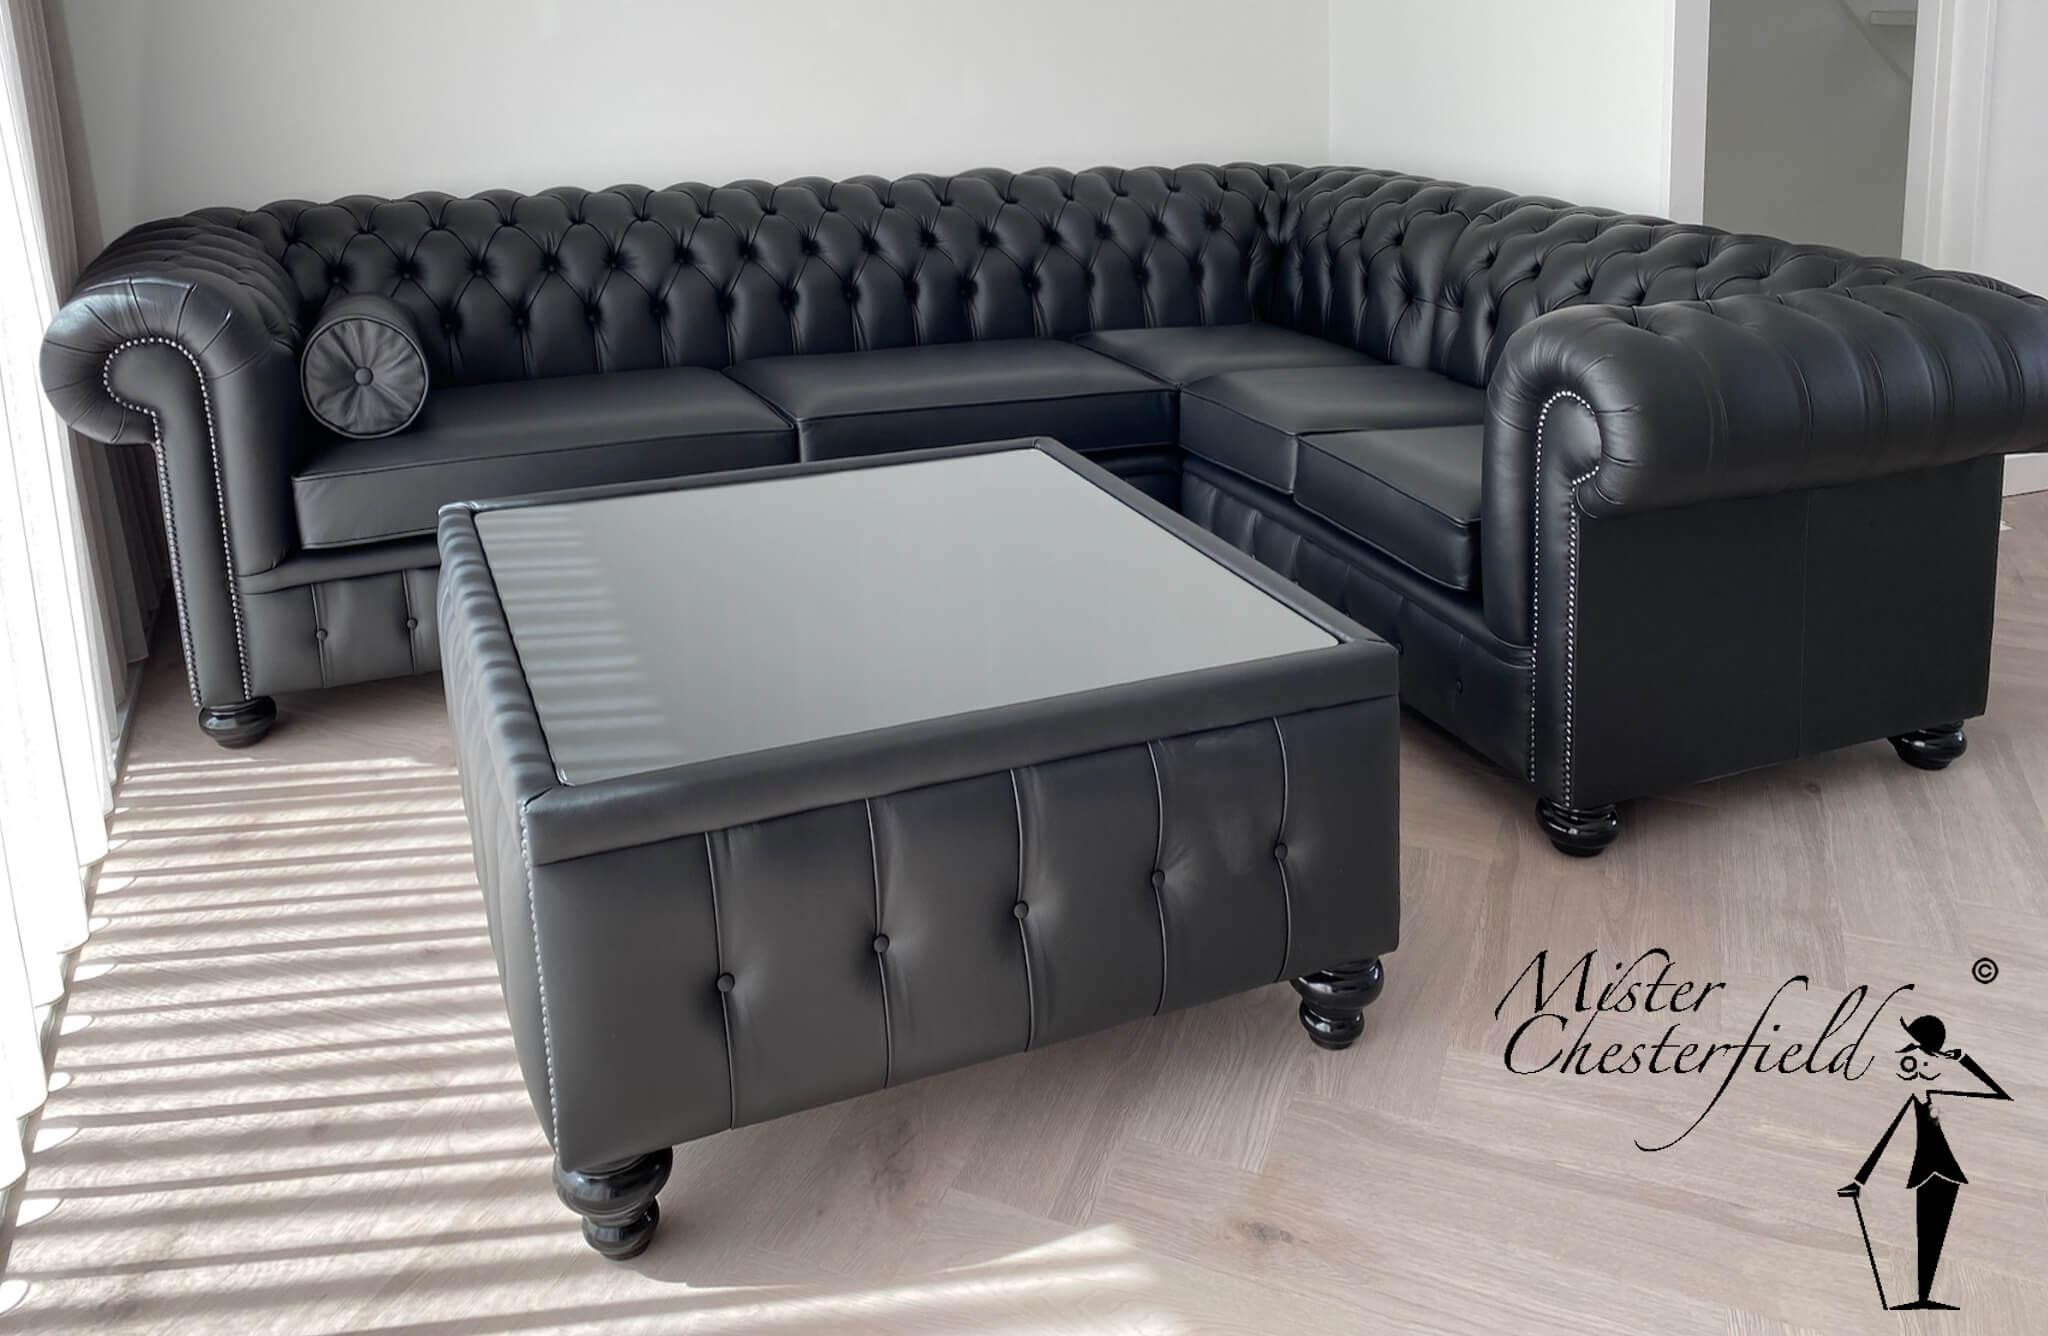 chesterfield-zwart-corner-sofa-kingston-forrest-tafel-table